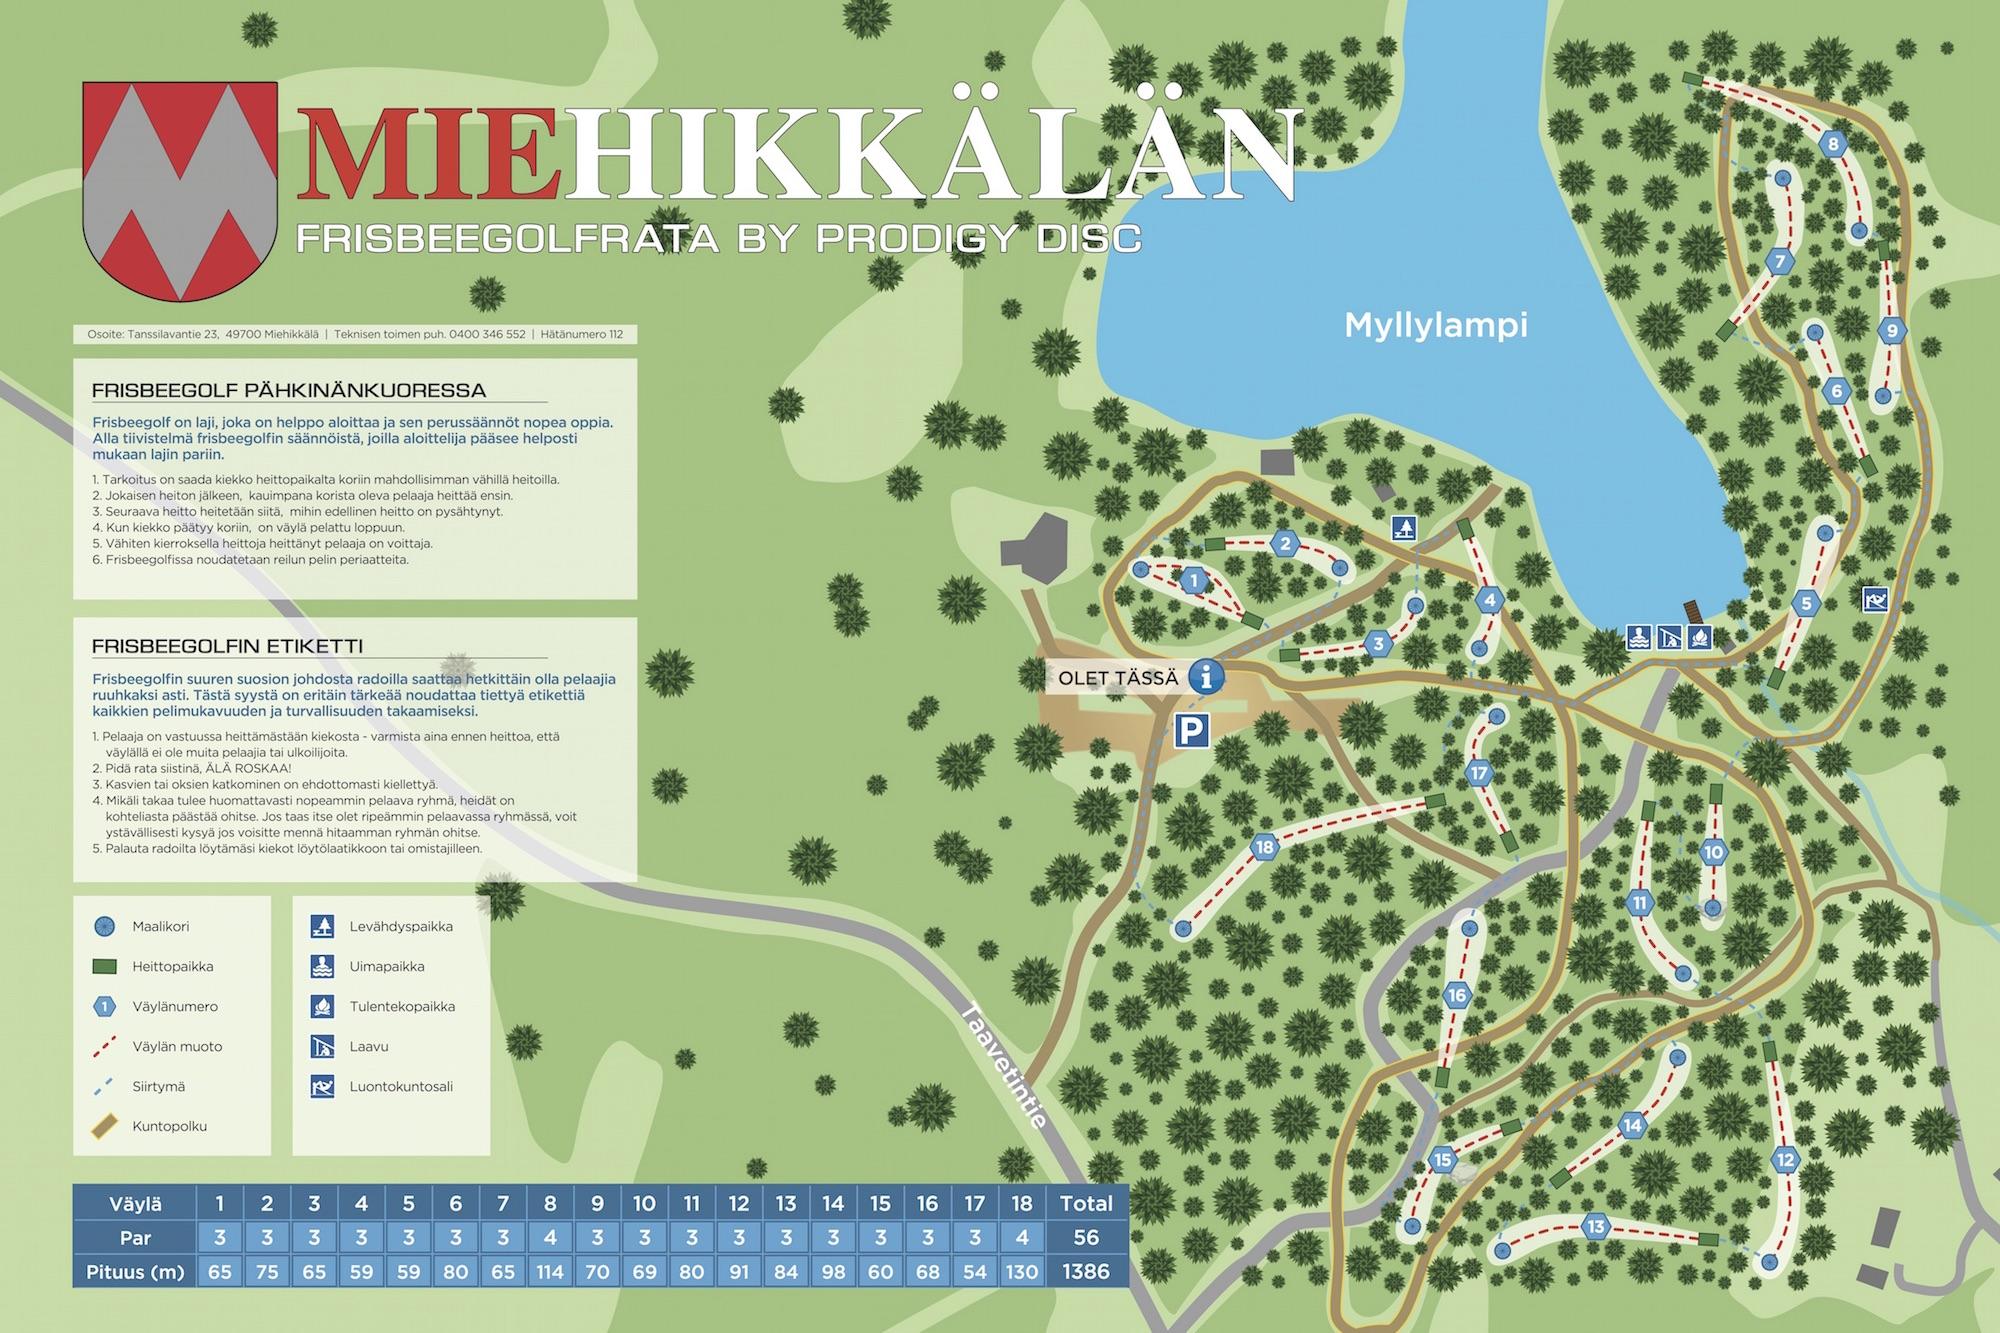 Puhtaaksi Kirjoituksia Virolahti Miehikkala Senaatin